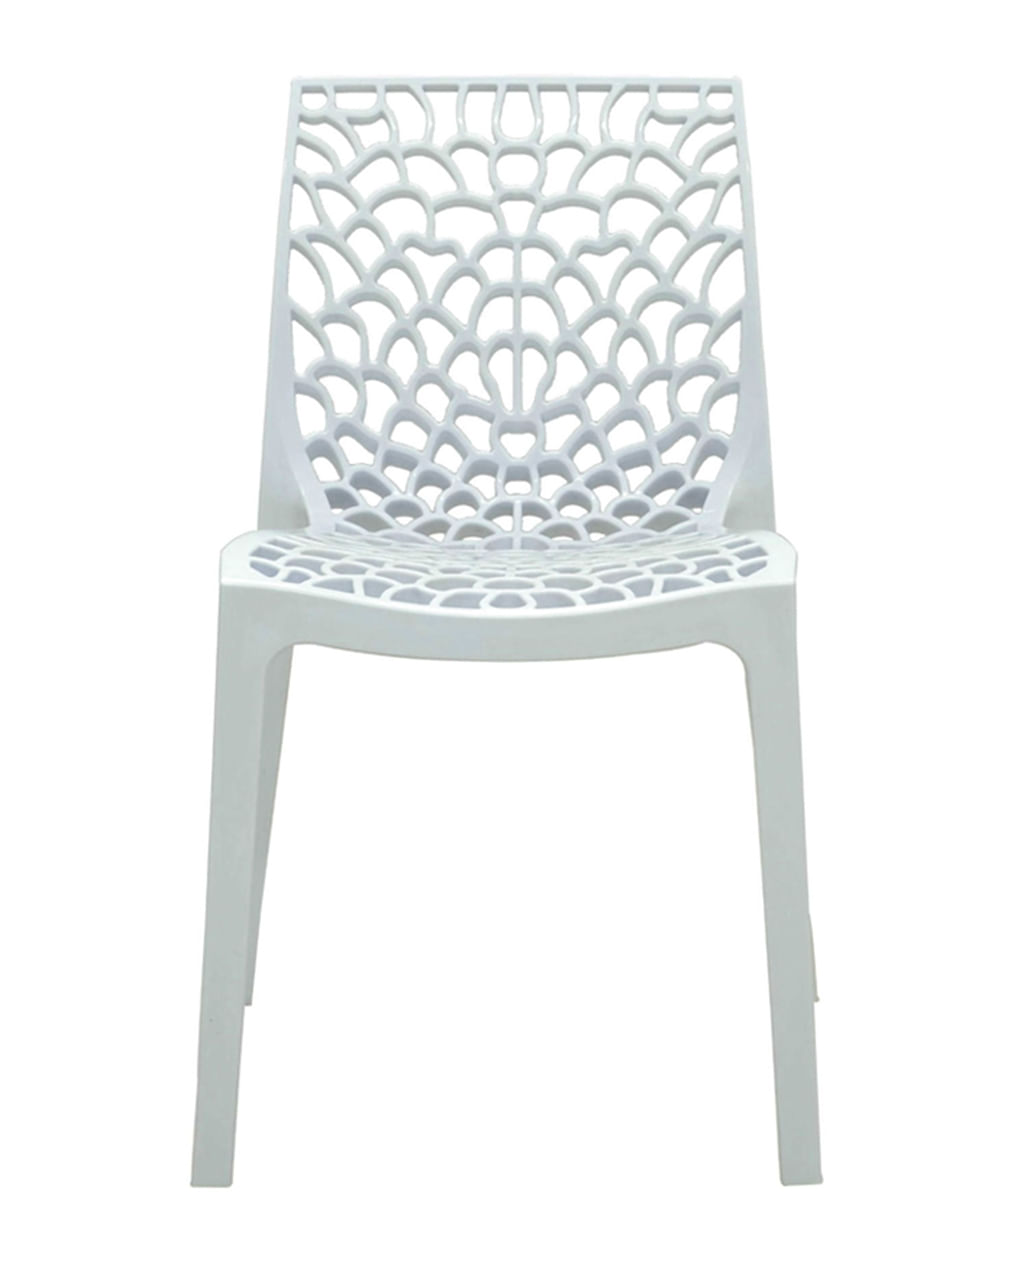 Cadeira Gruver em Polipropileno cor Branco - 44965